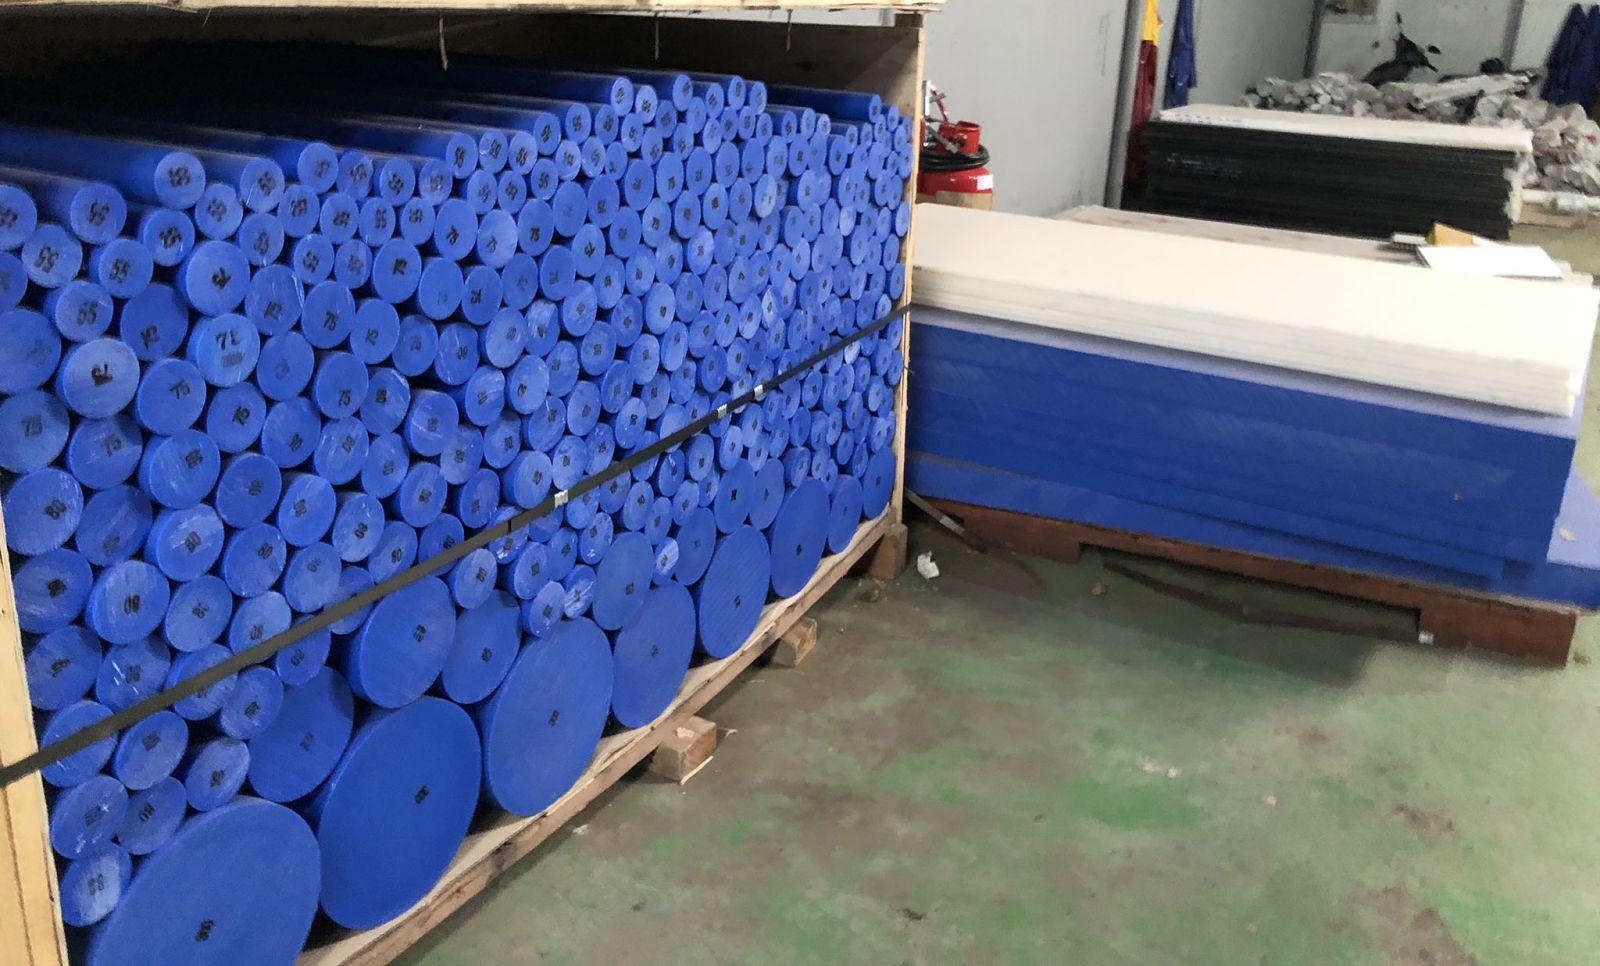 nhựa pa66 là gì? có phải nhựa nilon hay không?